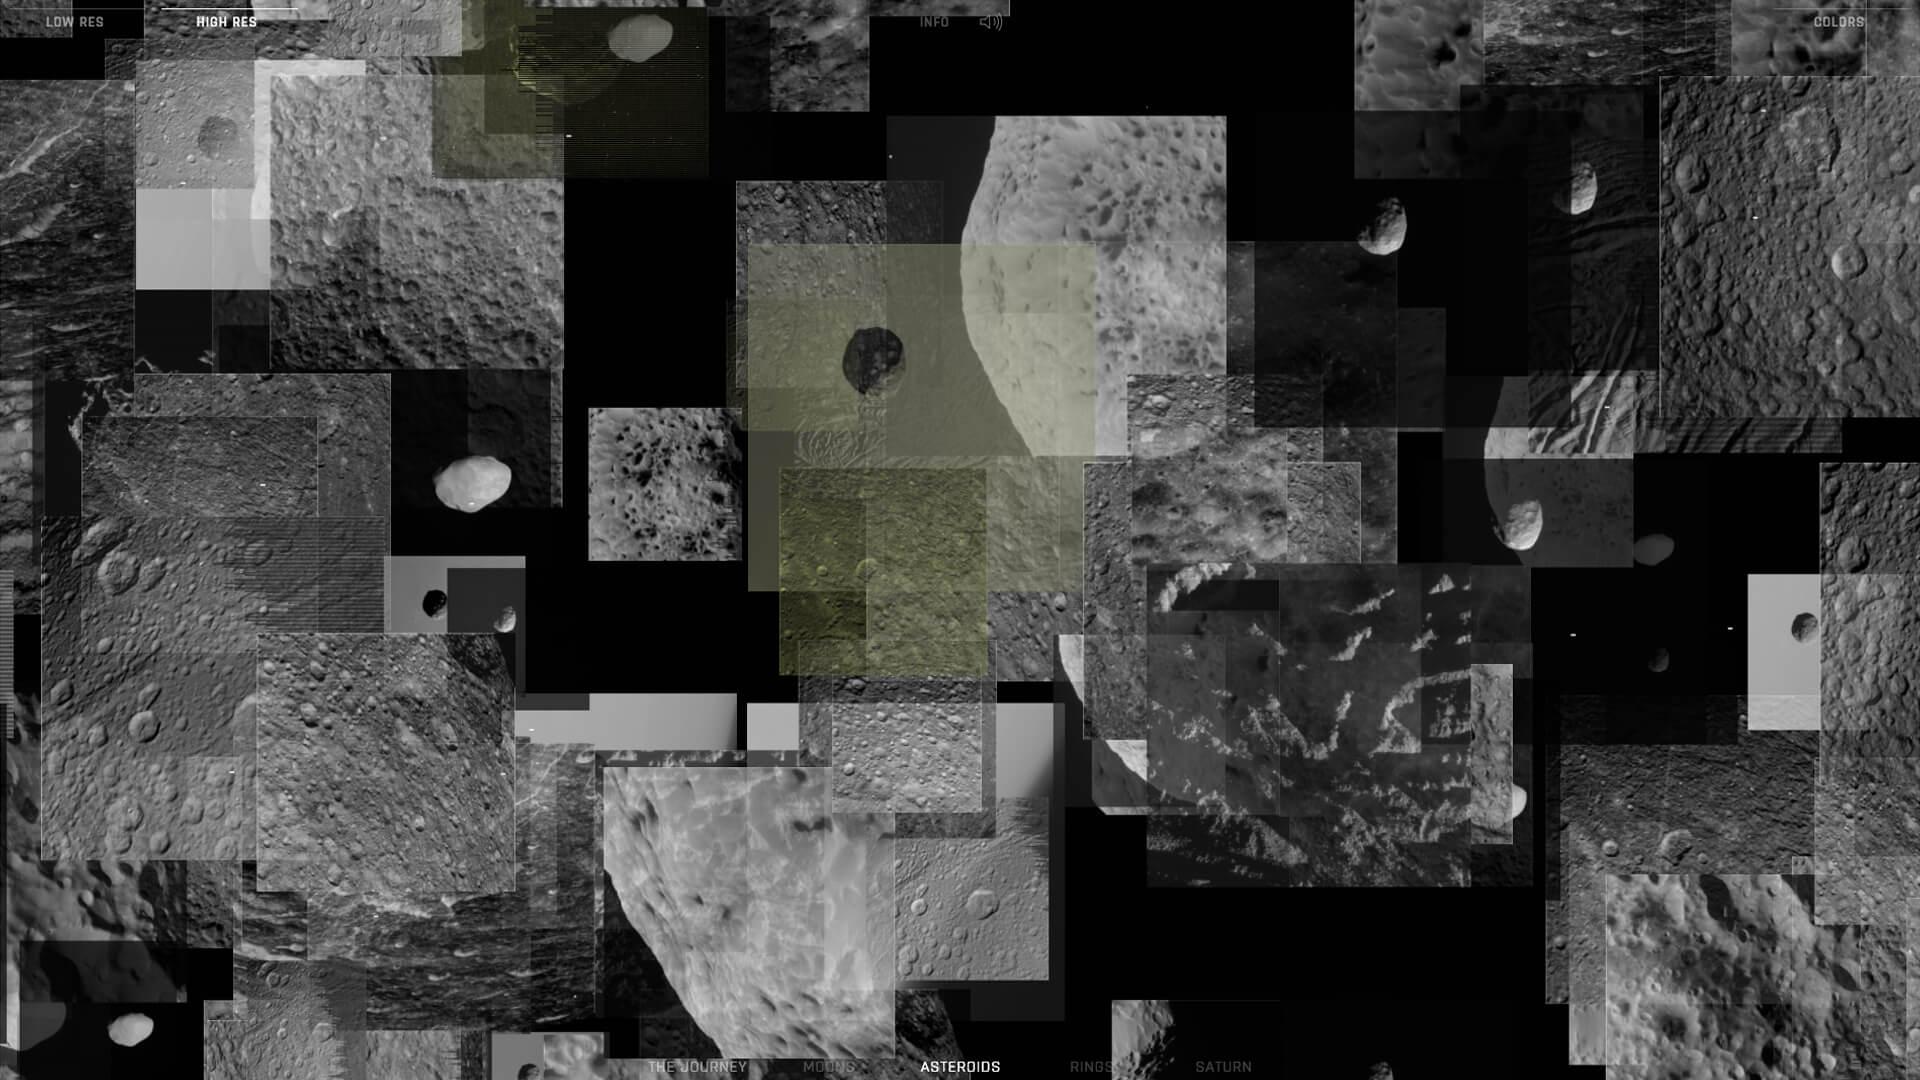 Cassini_Frame_2